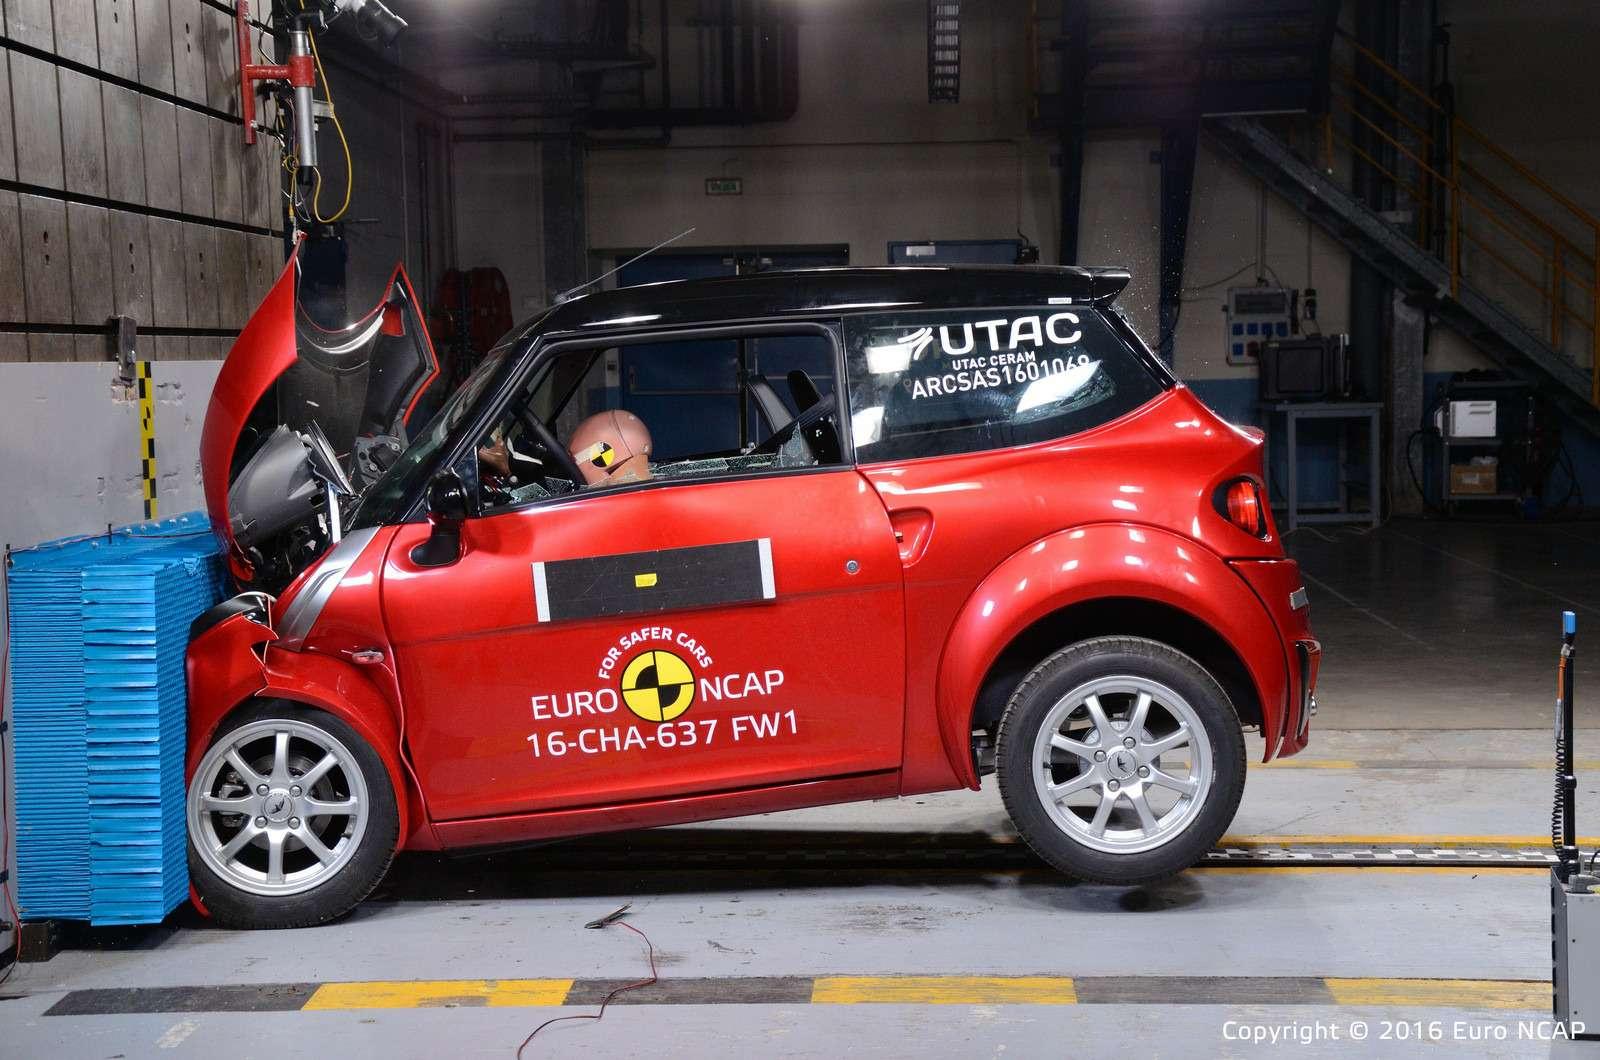 Euro NCAP огласил ужасающие результаты краш-тестов тяжелых квадроциклов— фото 573081